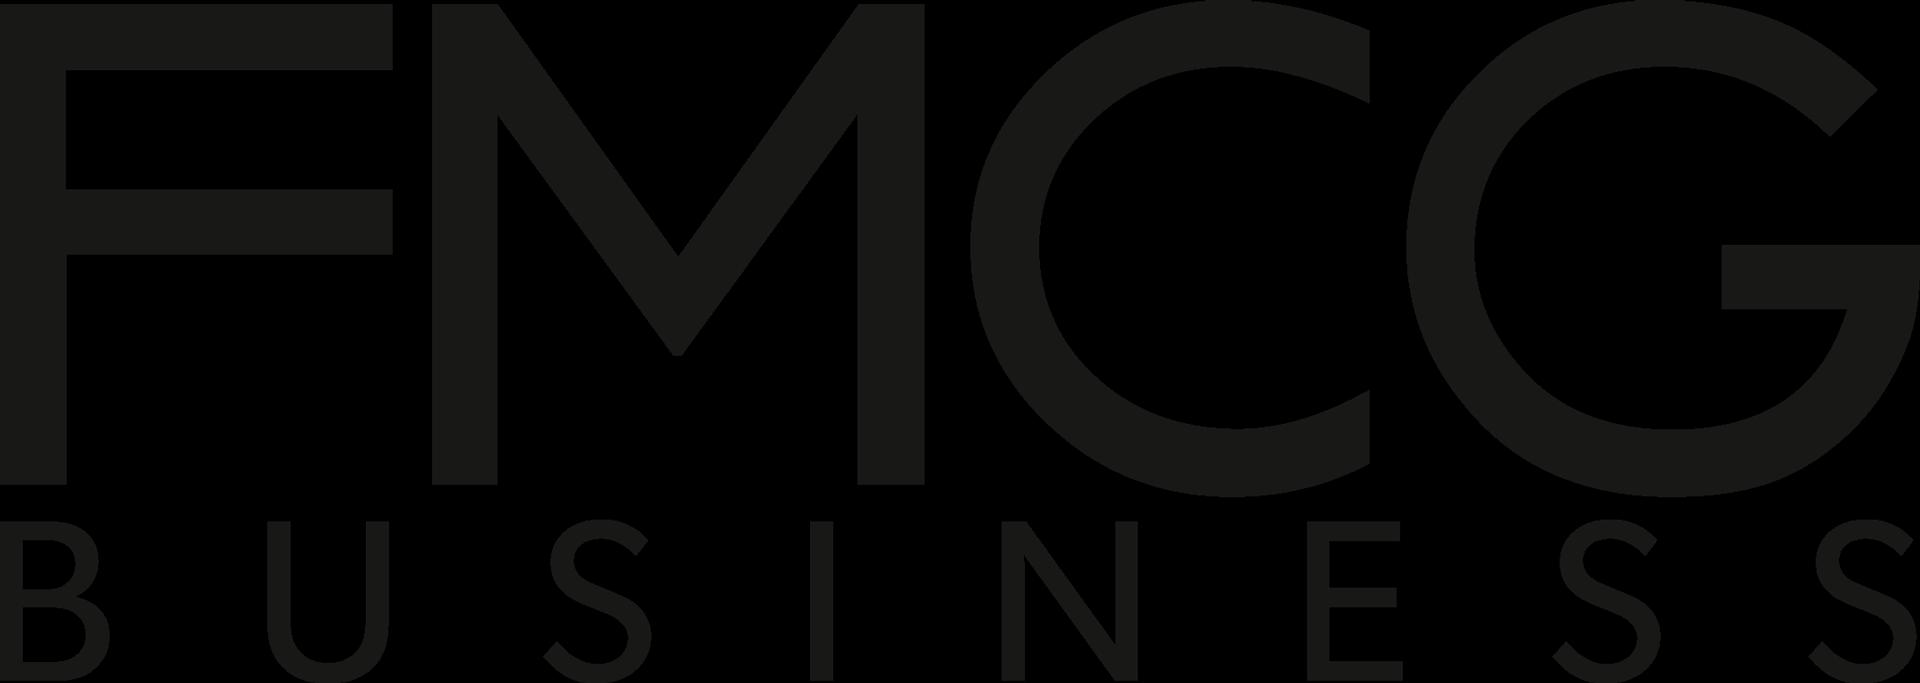 FMCG Business